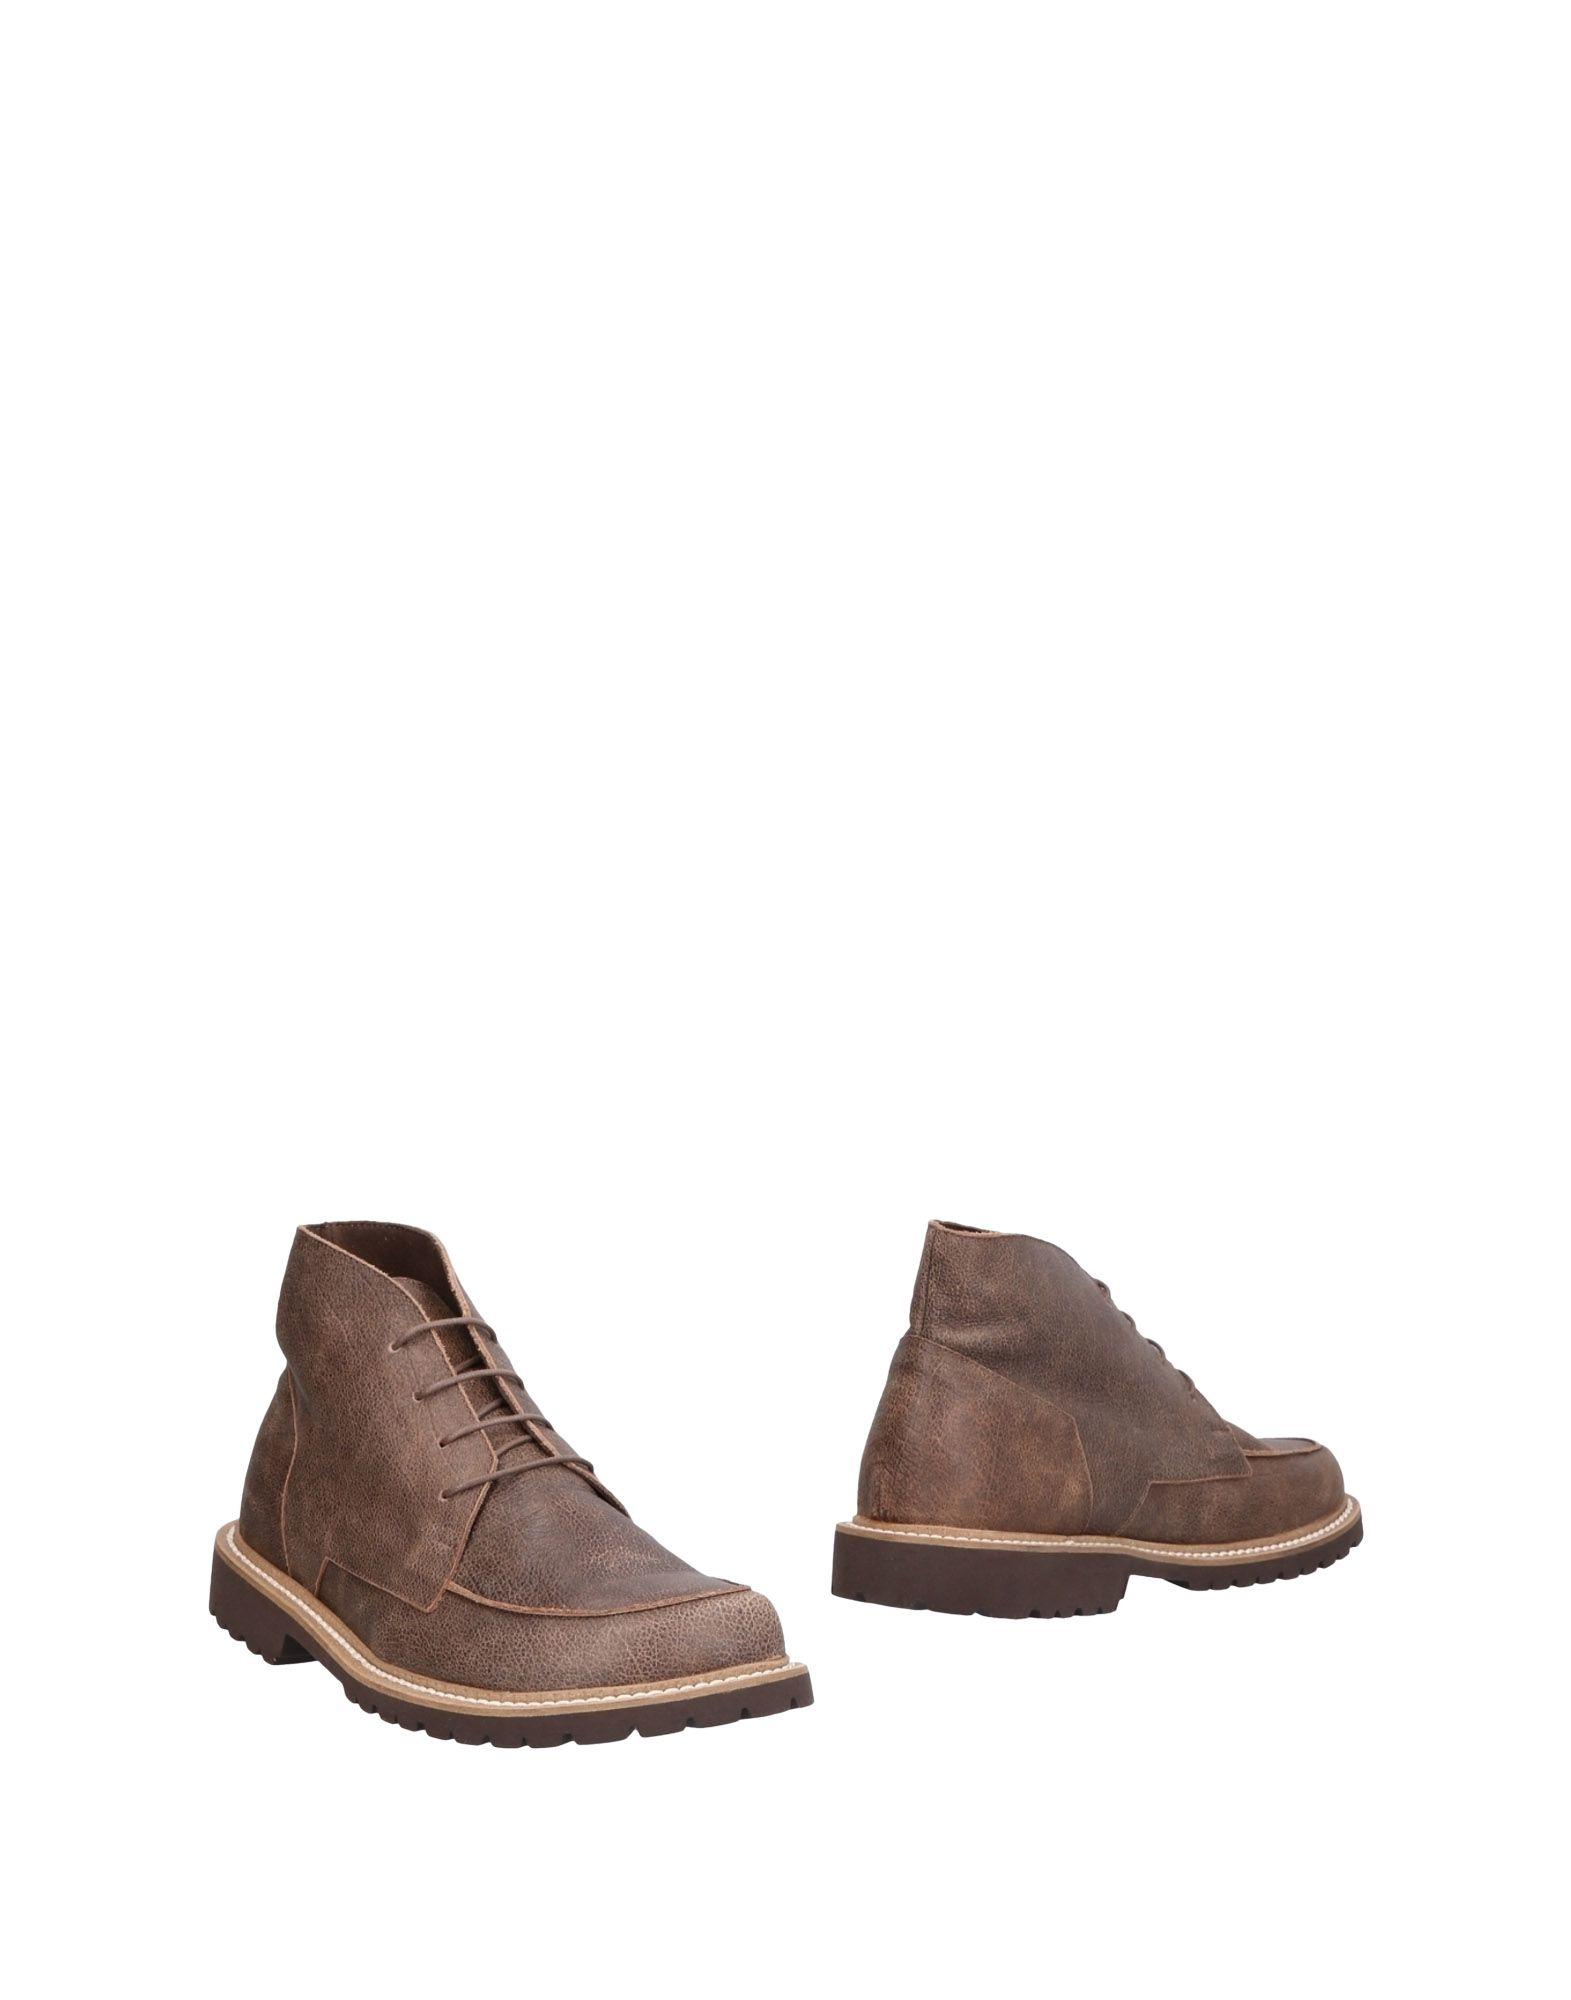 Peter Non Stiefelette Herren  11455913BD Gute Qualität beliebte Schuhe